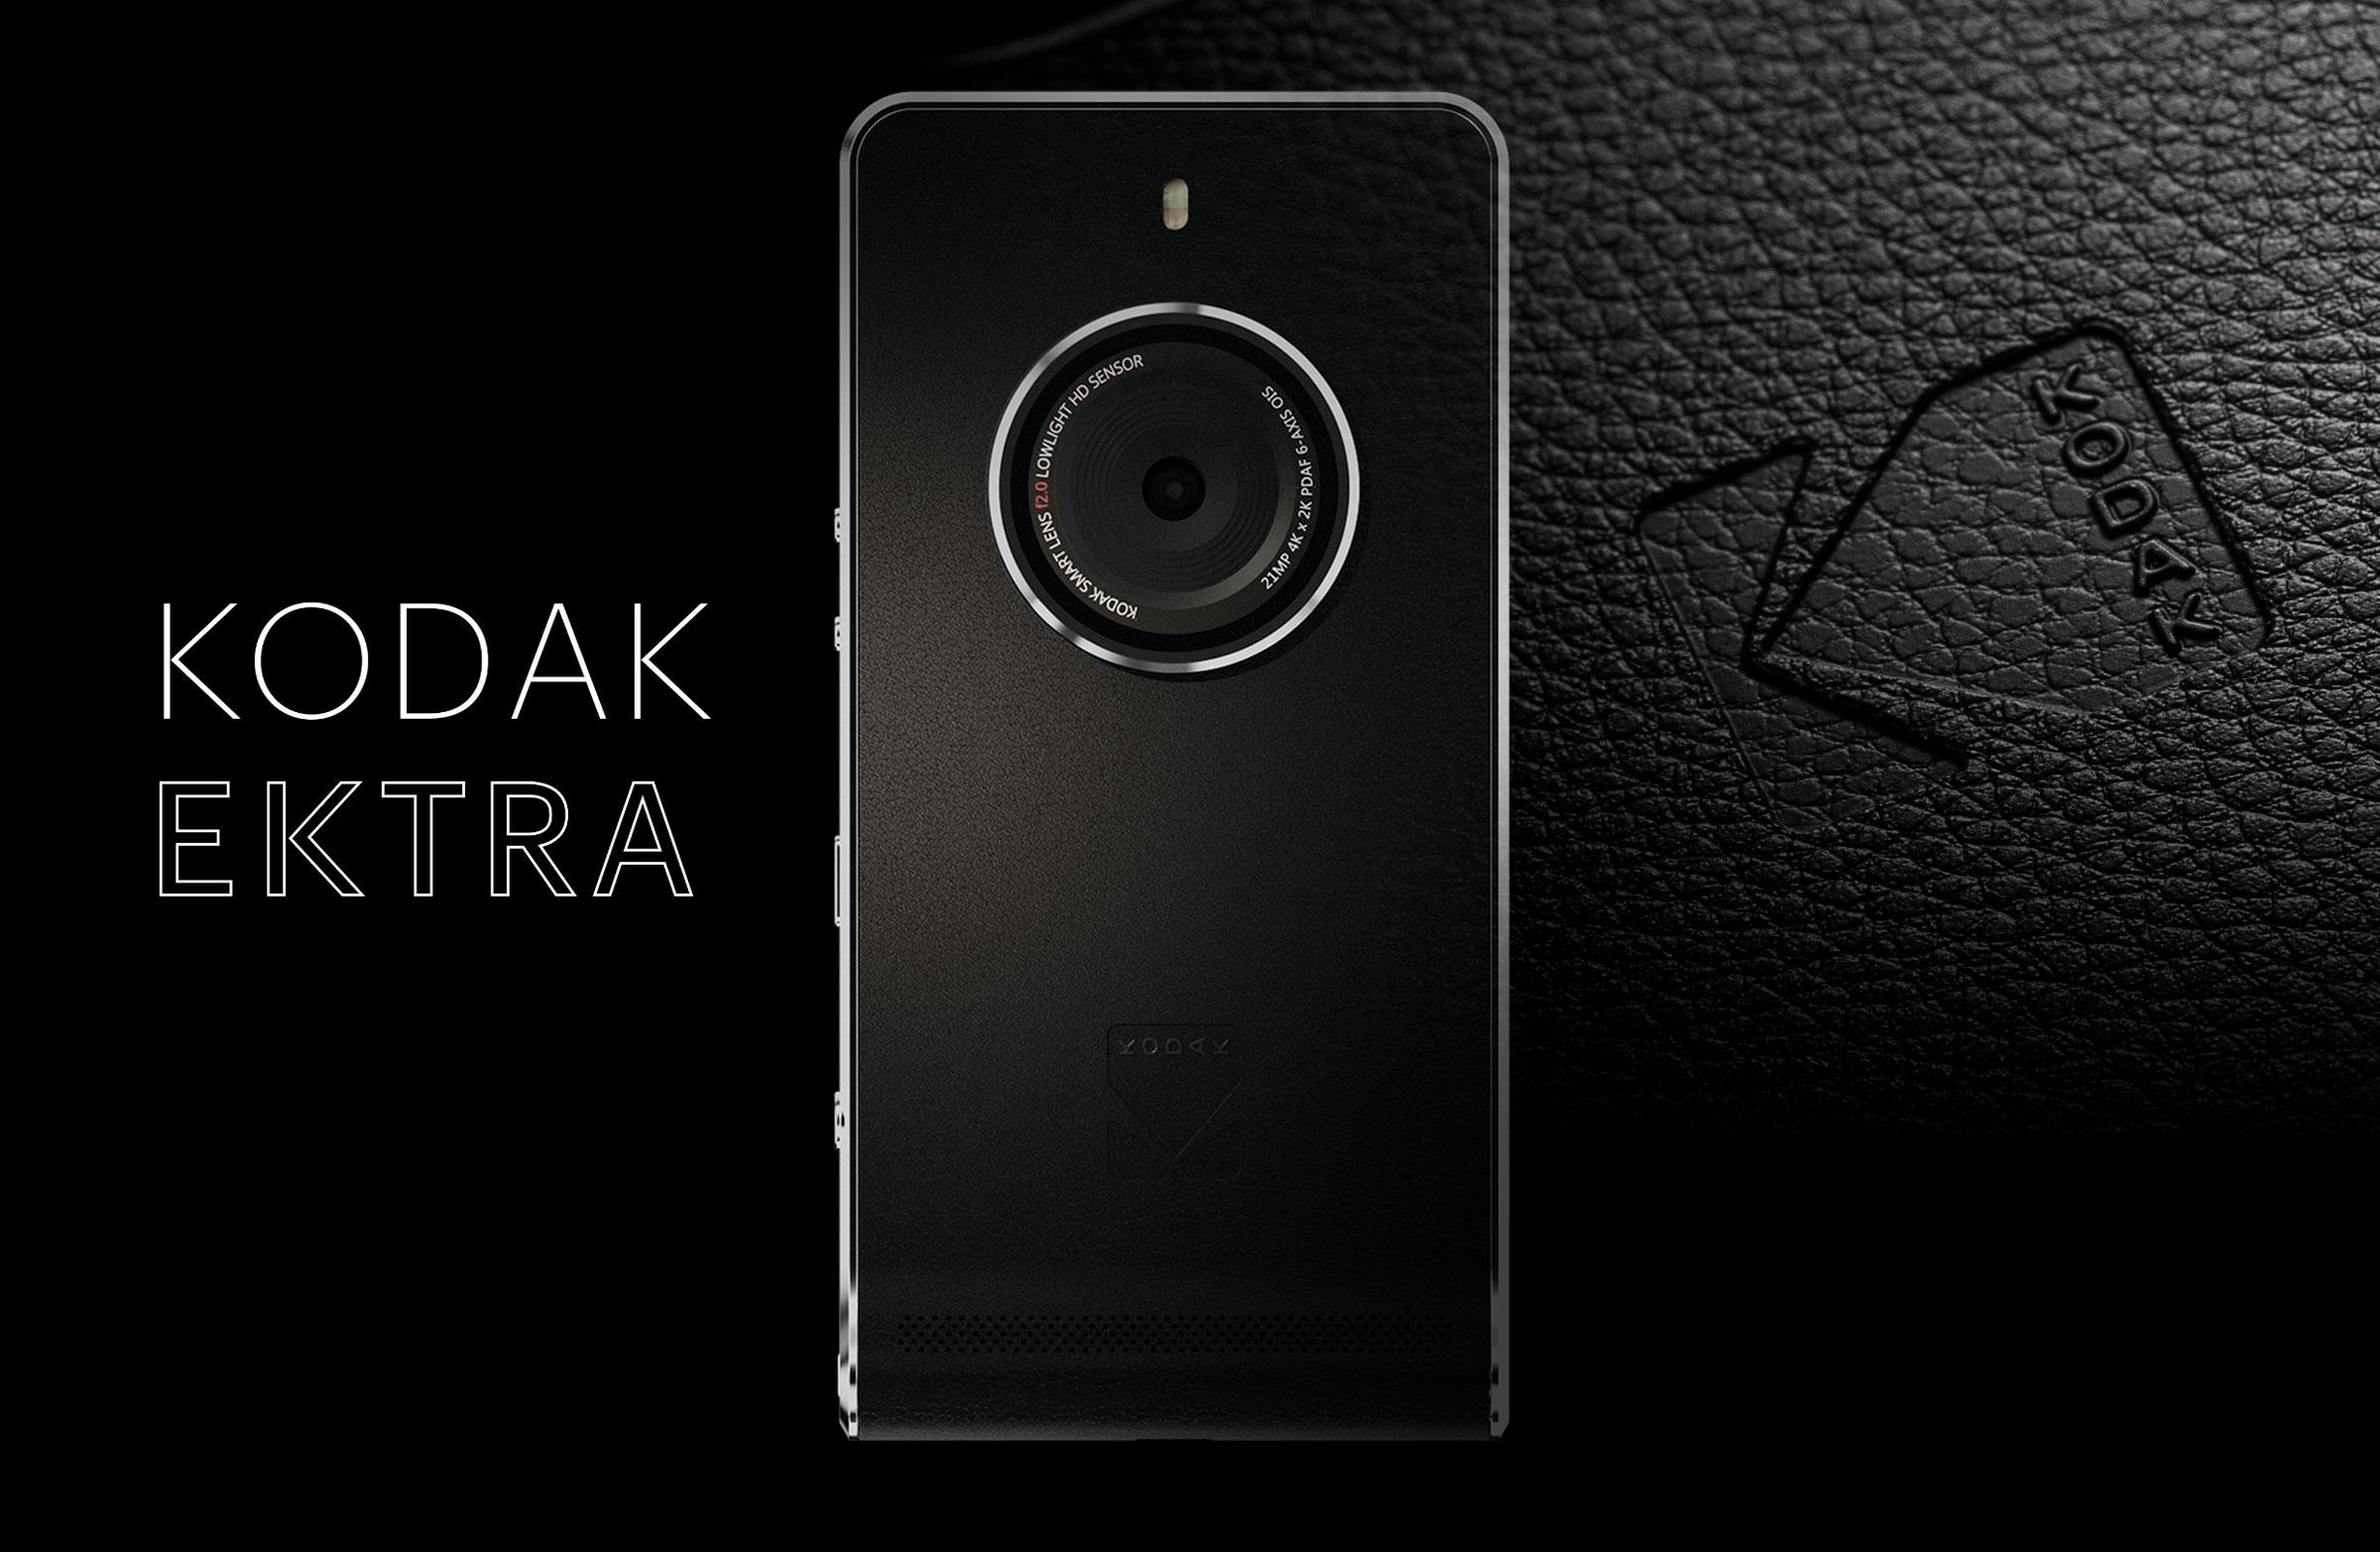 kodak-ektra_smartphone_image